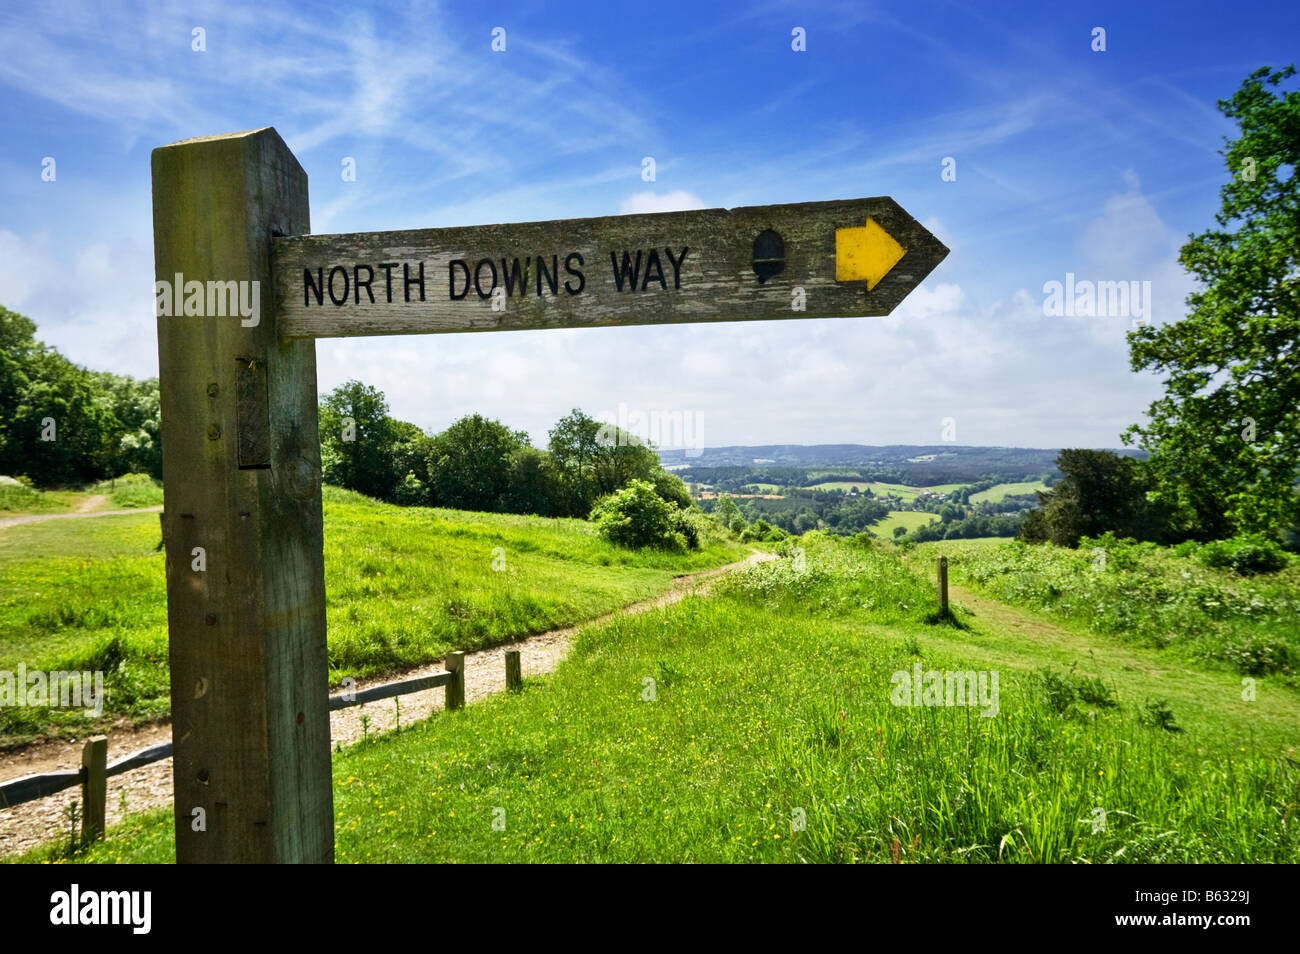 North Downs Way sentiero direzione segno signpost, Newlands Corner, colline del Surrey, Inghilterra, Regno Unito Immagini Stock